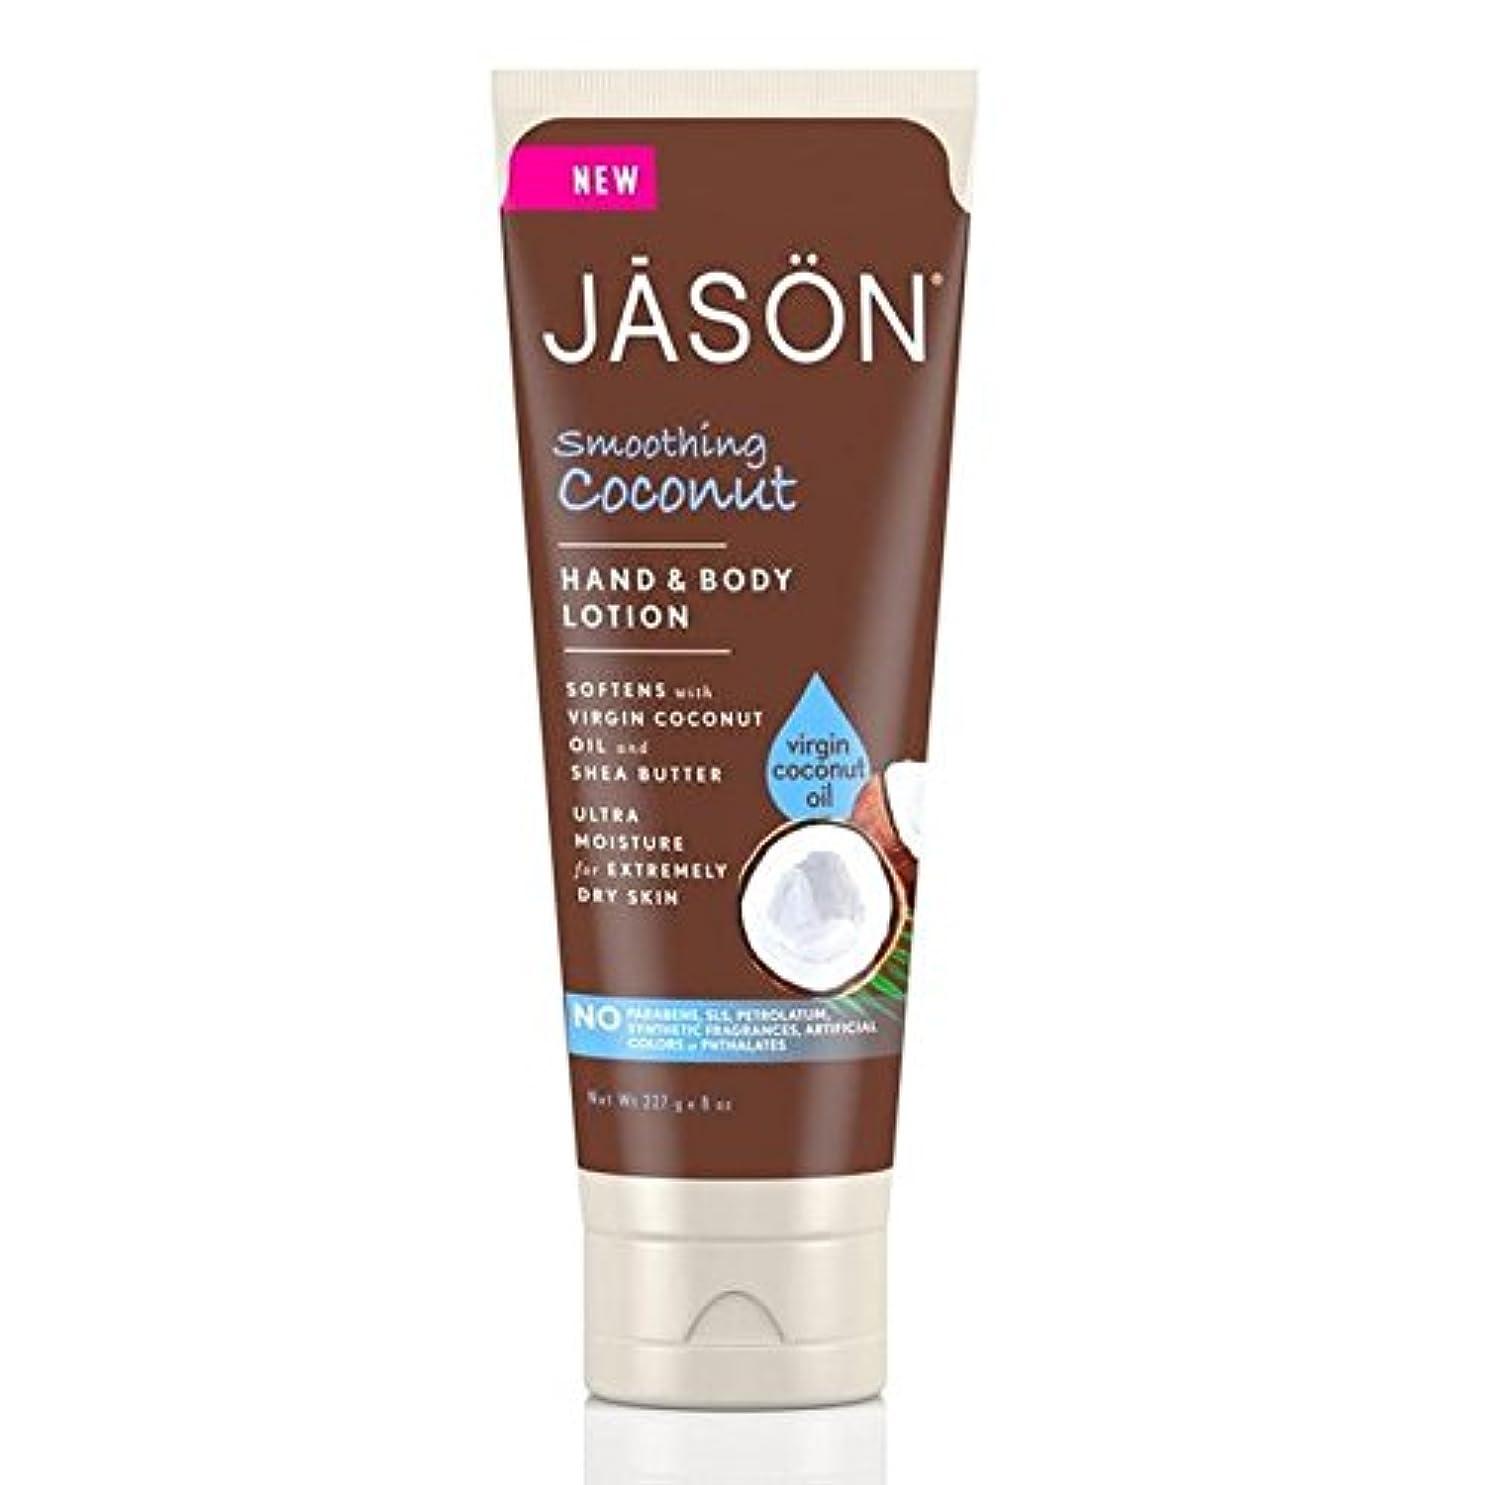 フォージサスペンションプロペラJason Coconut Hand & Body Lotion 227g (Pack of 6) - ジェイソン?ココナッツハンド&ボディローション227グラム x6 [並行輸入品]